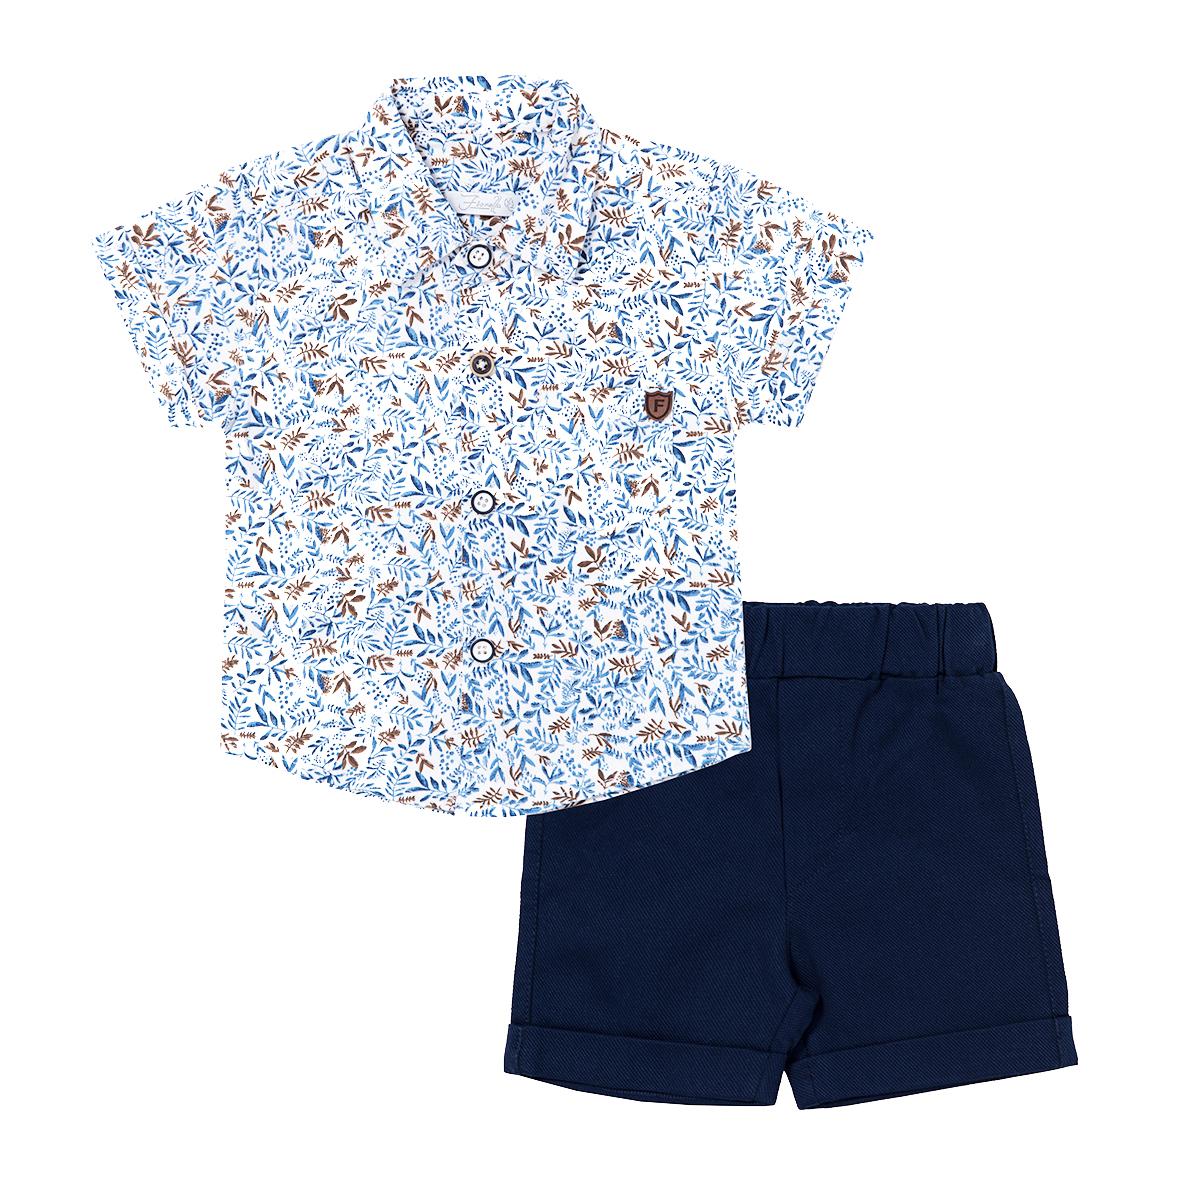 ست تی شرت و شلوارک نوزادی فیورلا مدل 21049